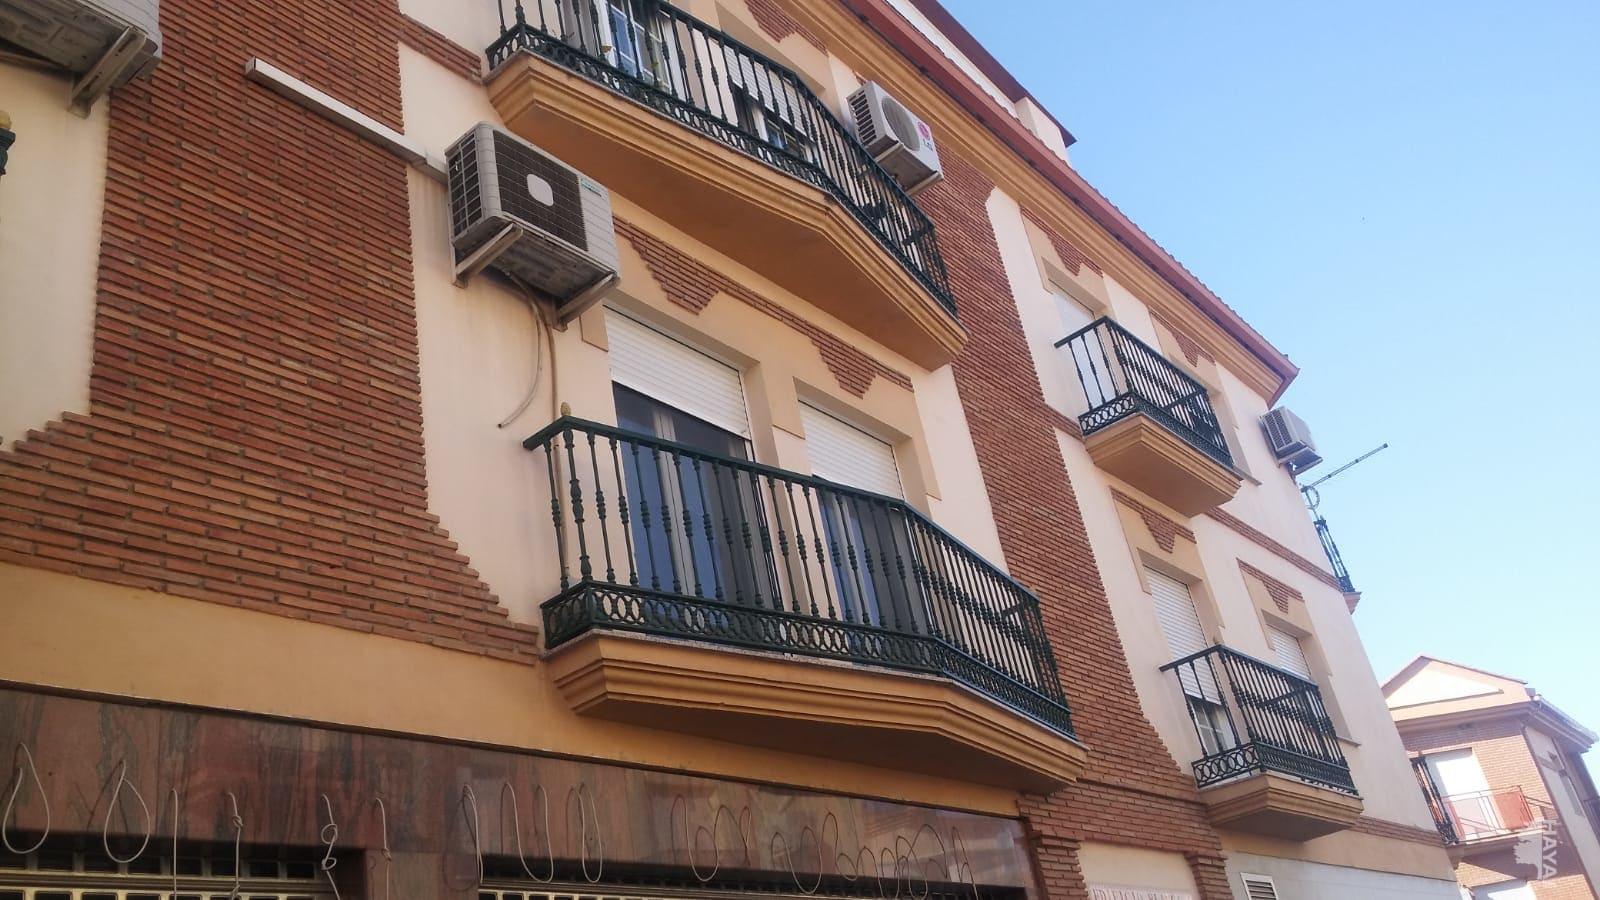 Oficina en venta en Peligros, Granada, Avenida de los Pechuelos, 27.104 €, 35 m2